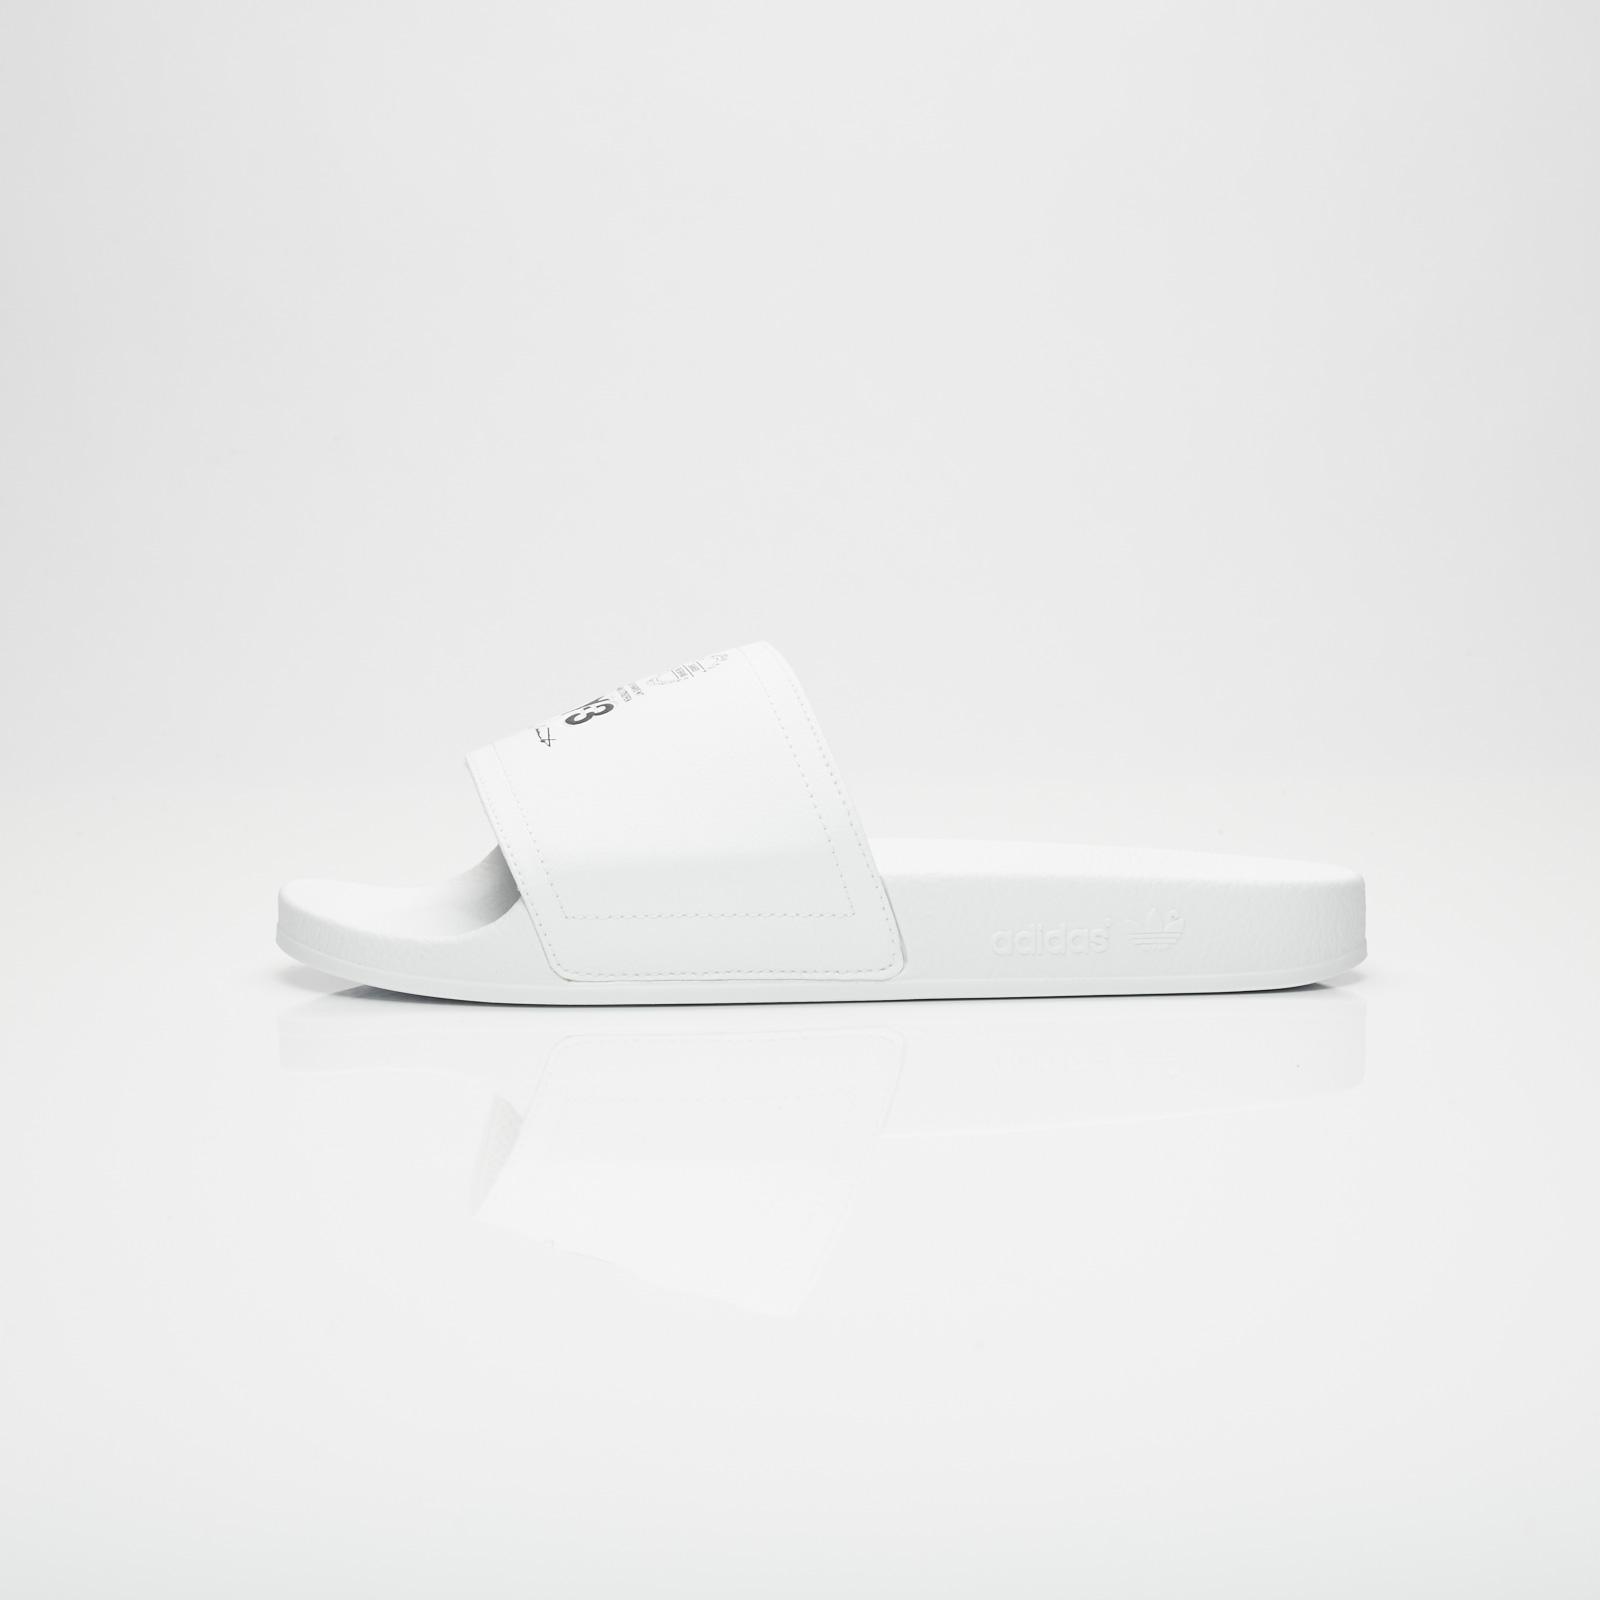 f0c9bd1a7550 adidas Y-3 Adilette - Ac7524 - Sneakersnstuff